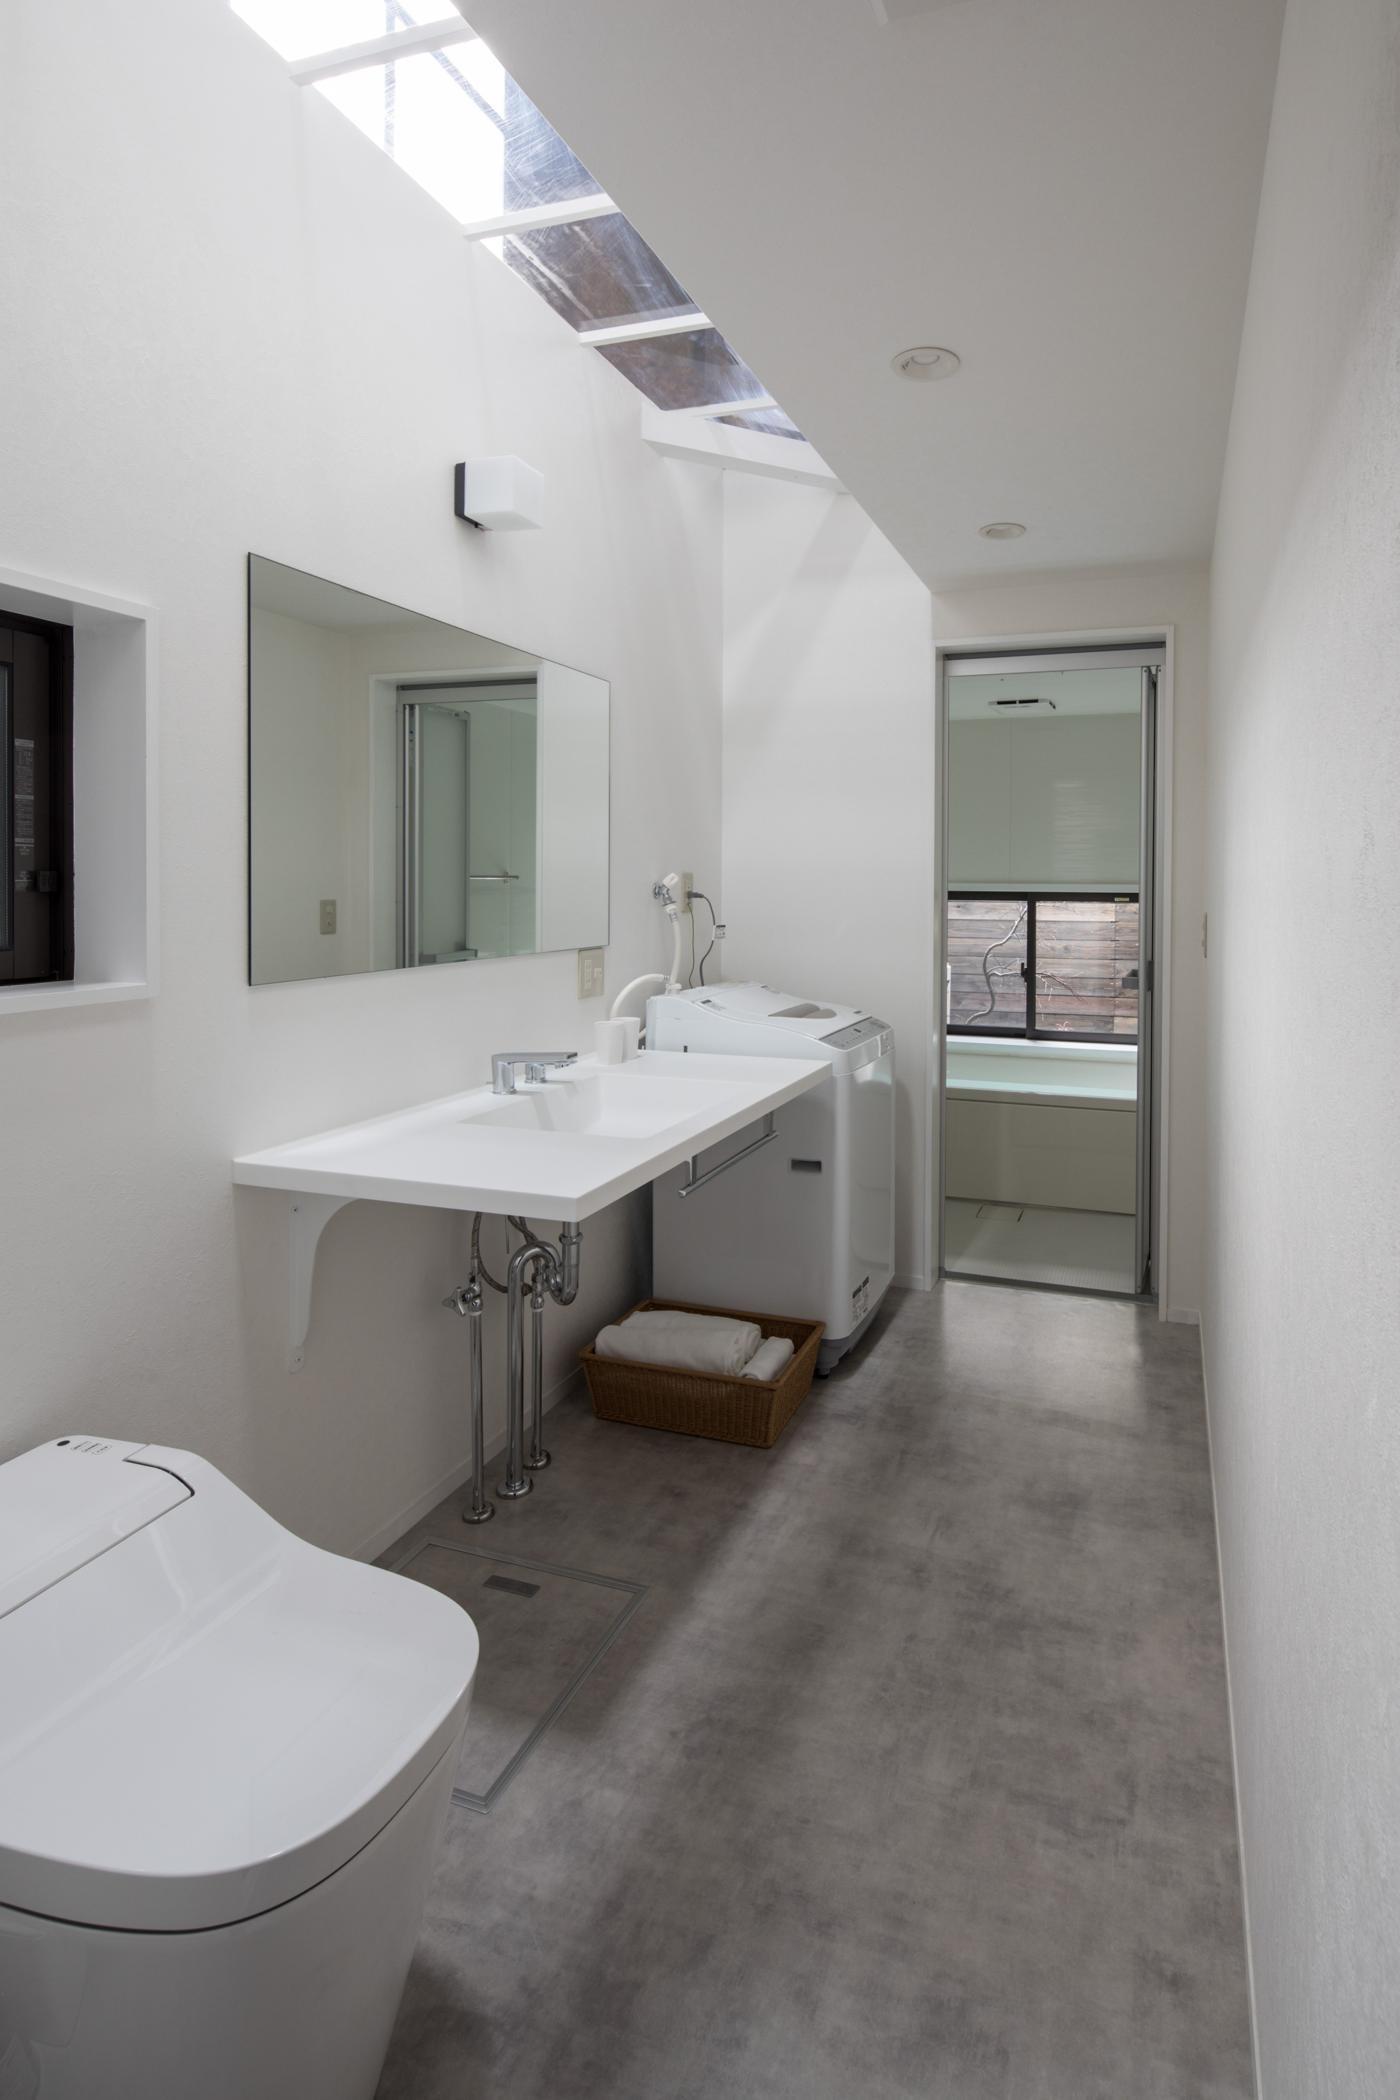 バス/トイレ事例:水回り/天窓から光が差し込む、シンプルで無機質な水回り(学林町の町家/耐震・断熱改修も行った京町家のリノベーション)